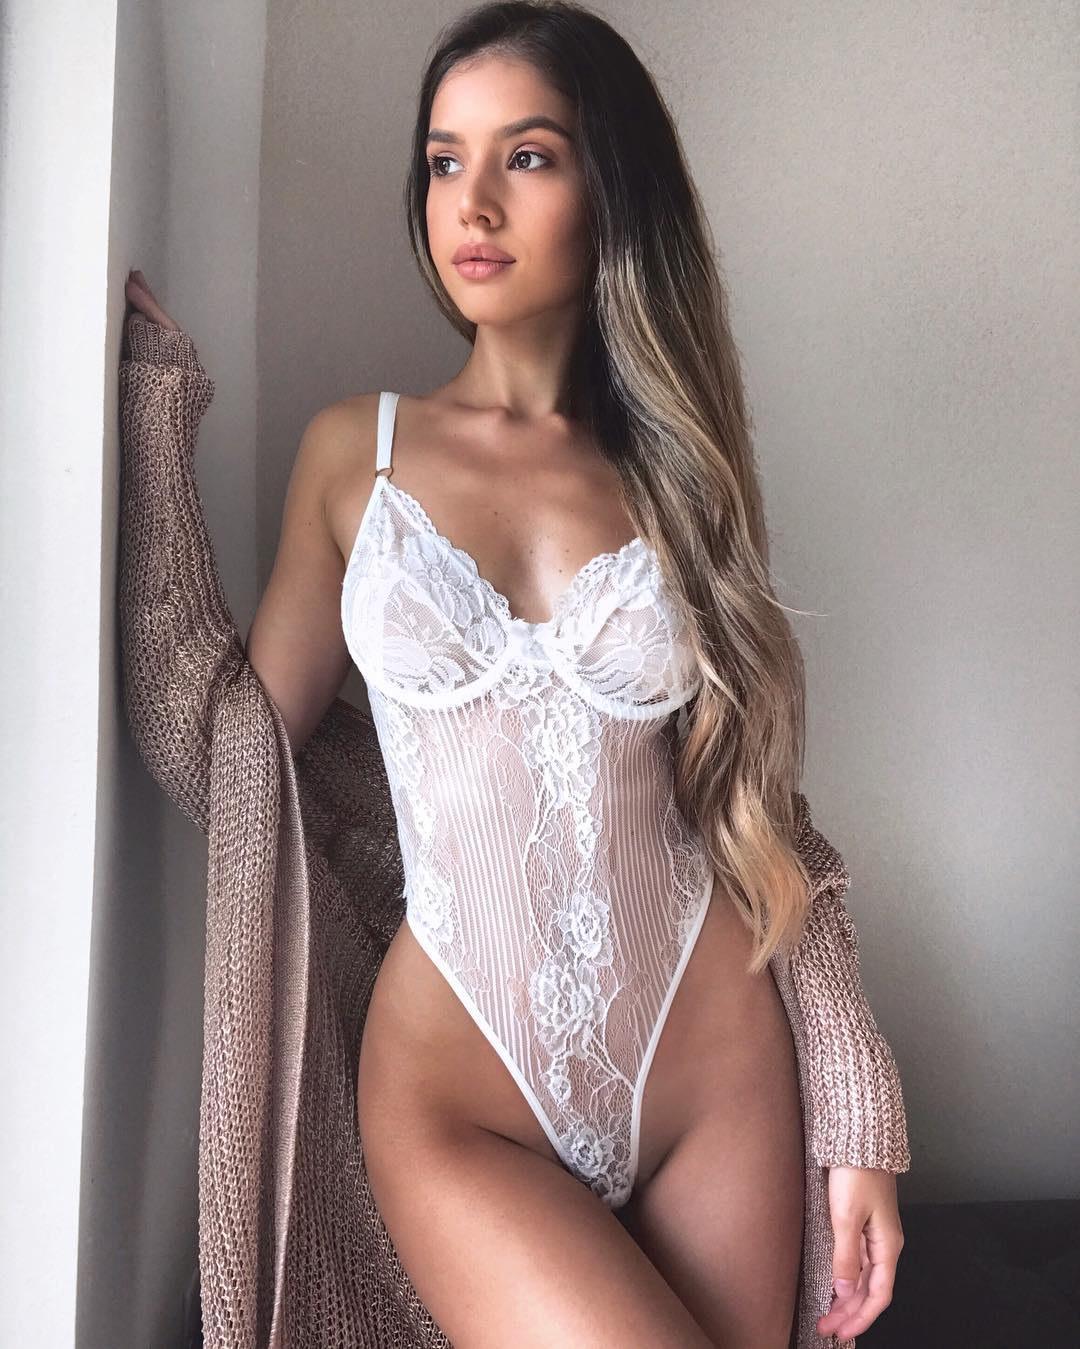 Эскорт модель Антонина